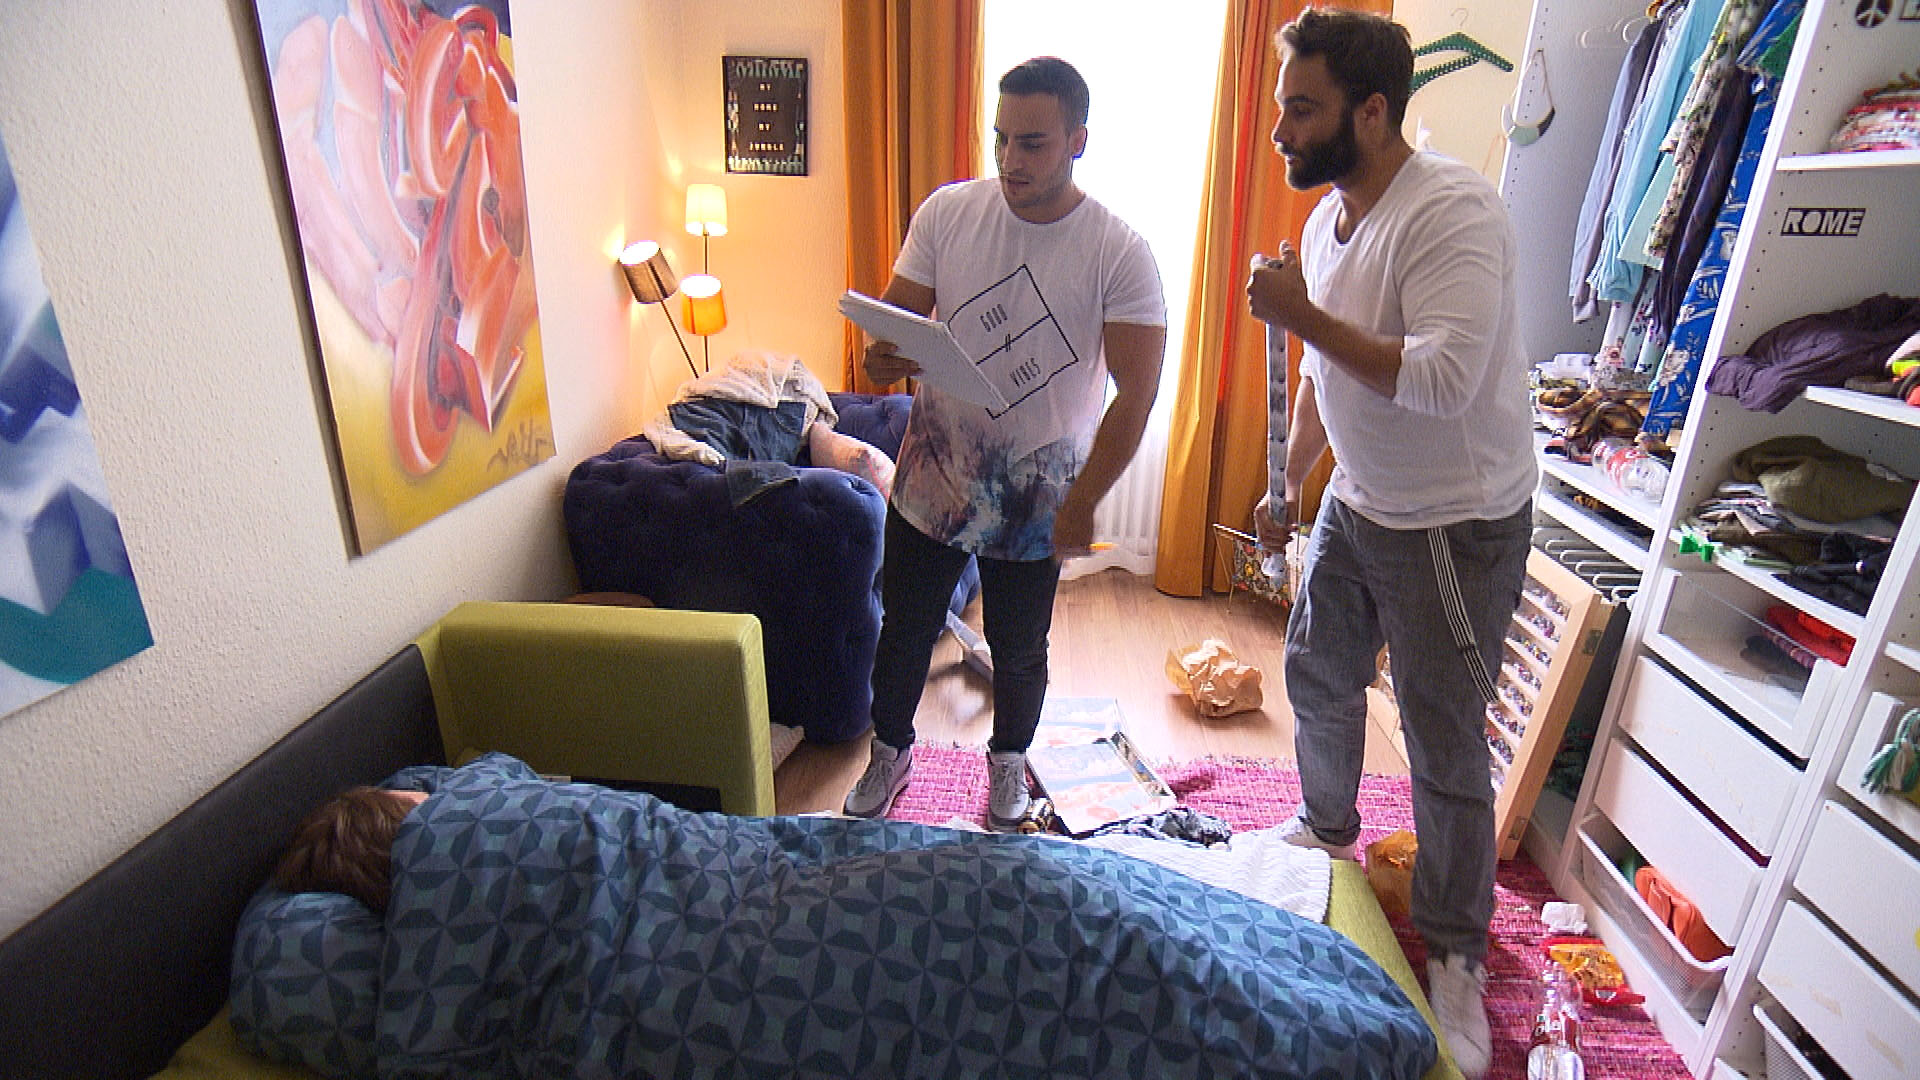 Cem (li.) und Diego (8re.) wollen Jan (im Bett) mit einem Diss-Rapp auf Holly aufmuntern. (Quelle: RTL 2)